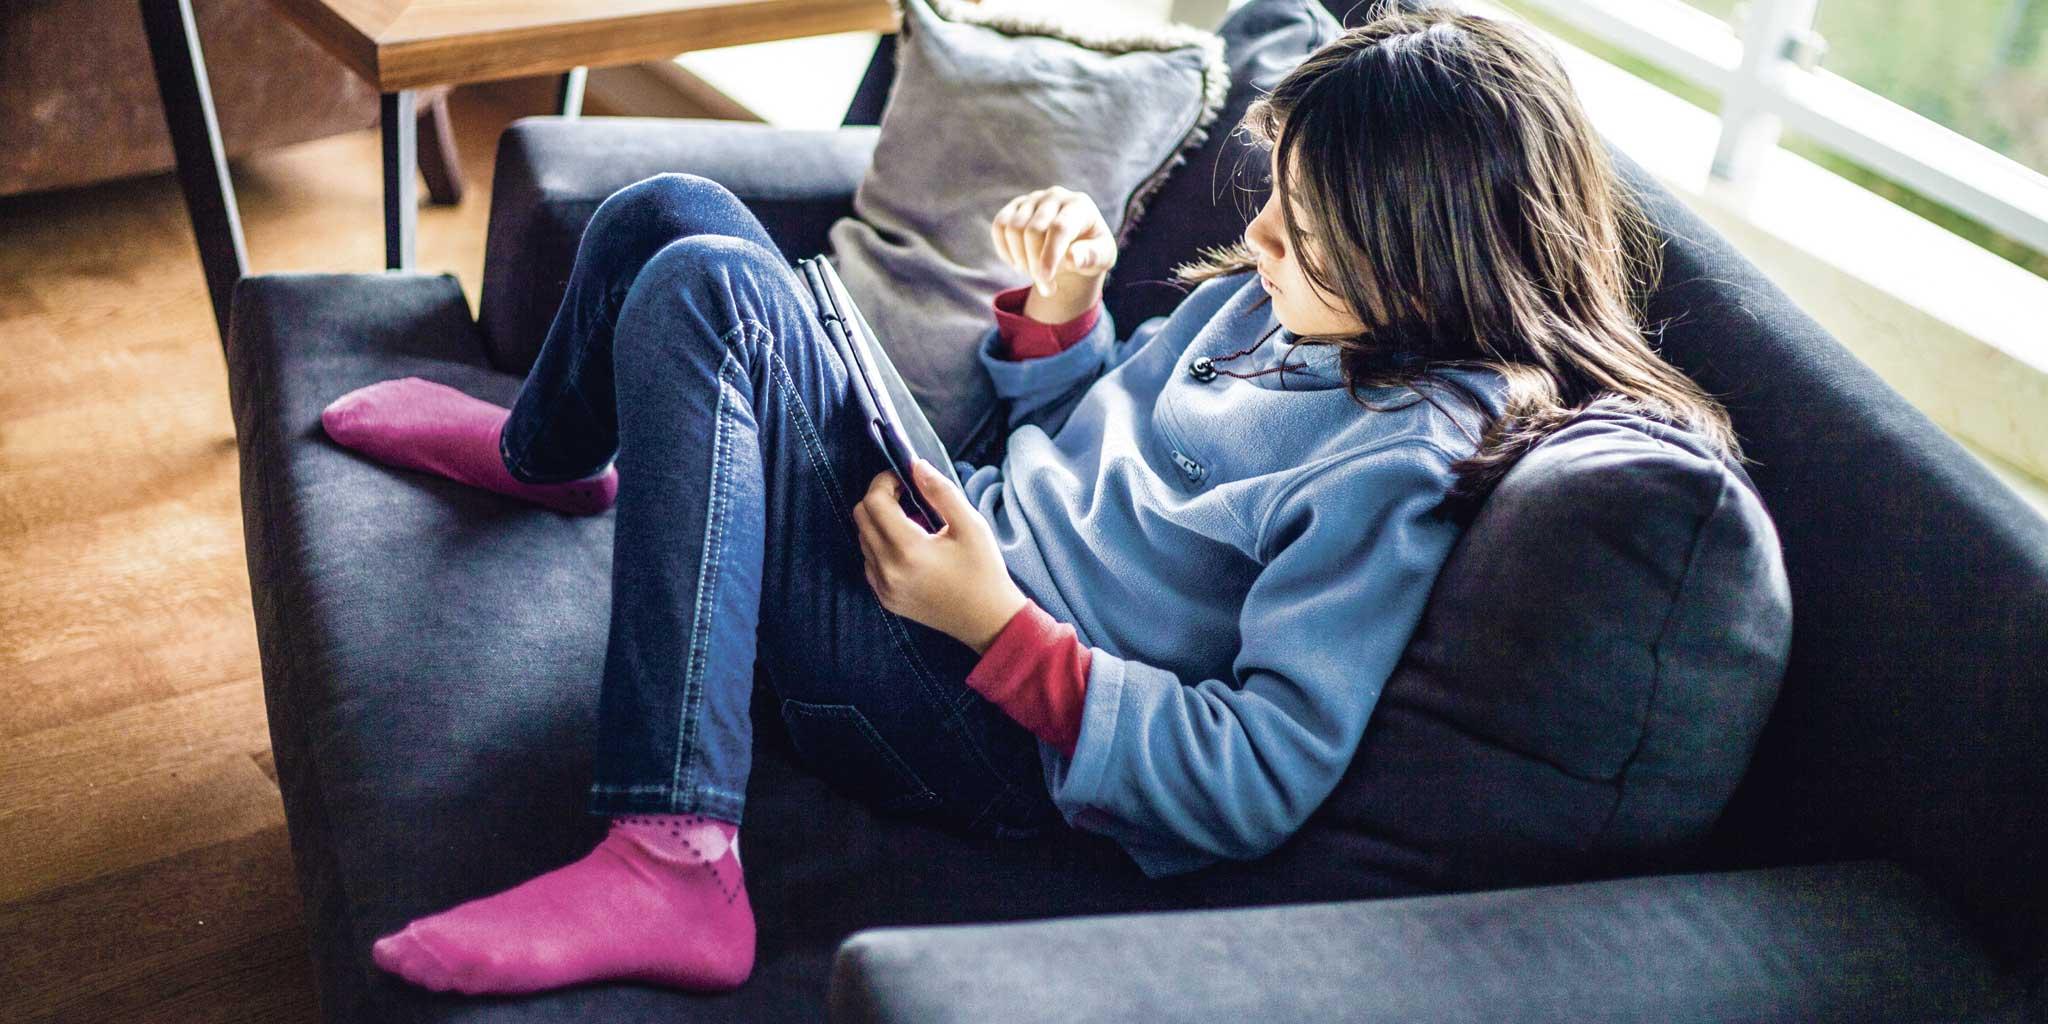 Kind zit in de zetel met een tablet op haar schoot